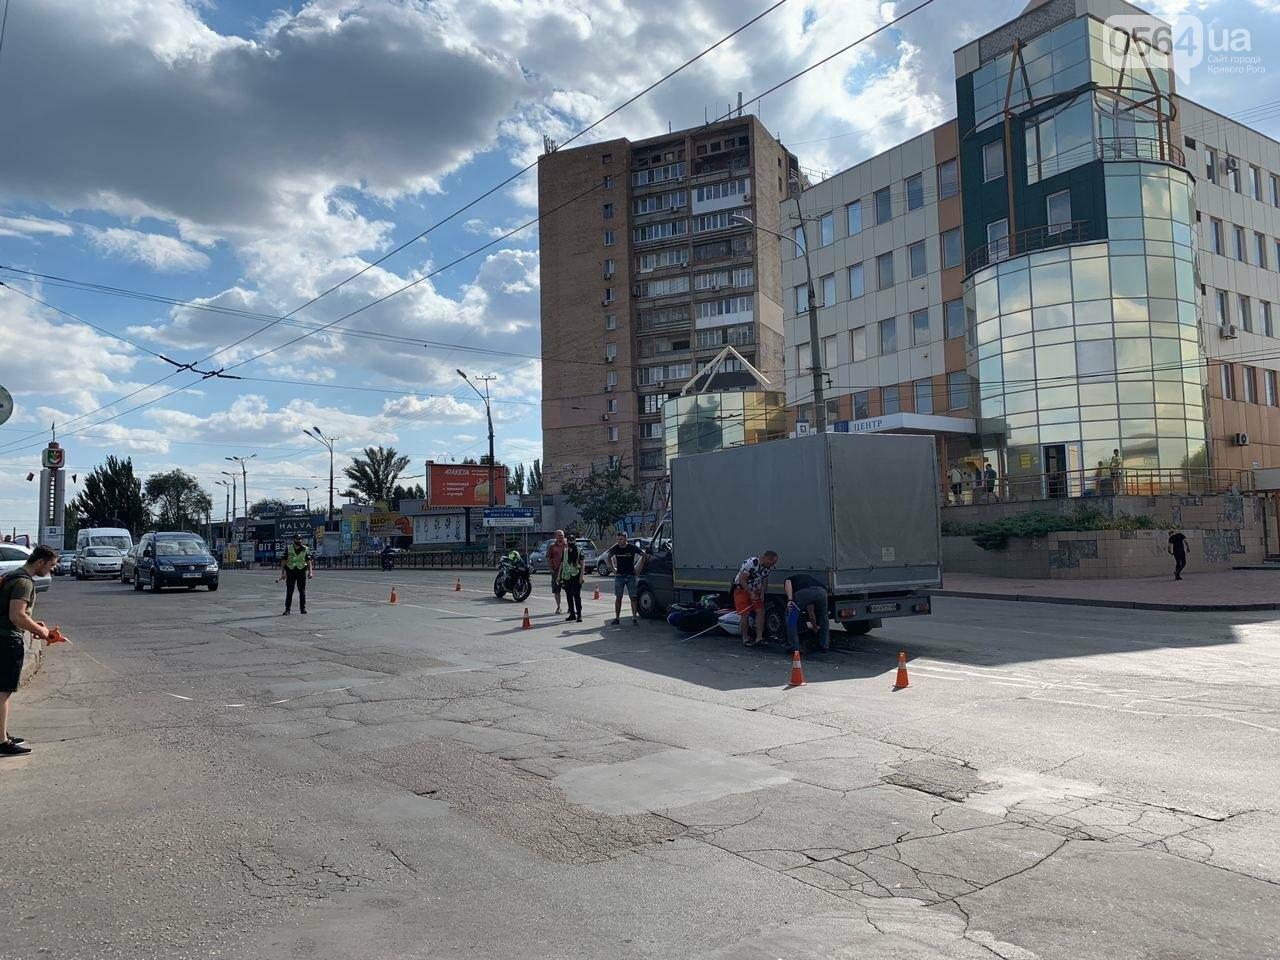 ДТП в Кривом Роге: мотоцикл попал под грузовик, - ФОТО , фото-6